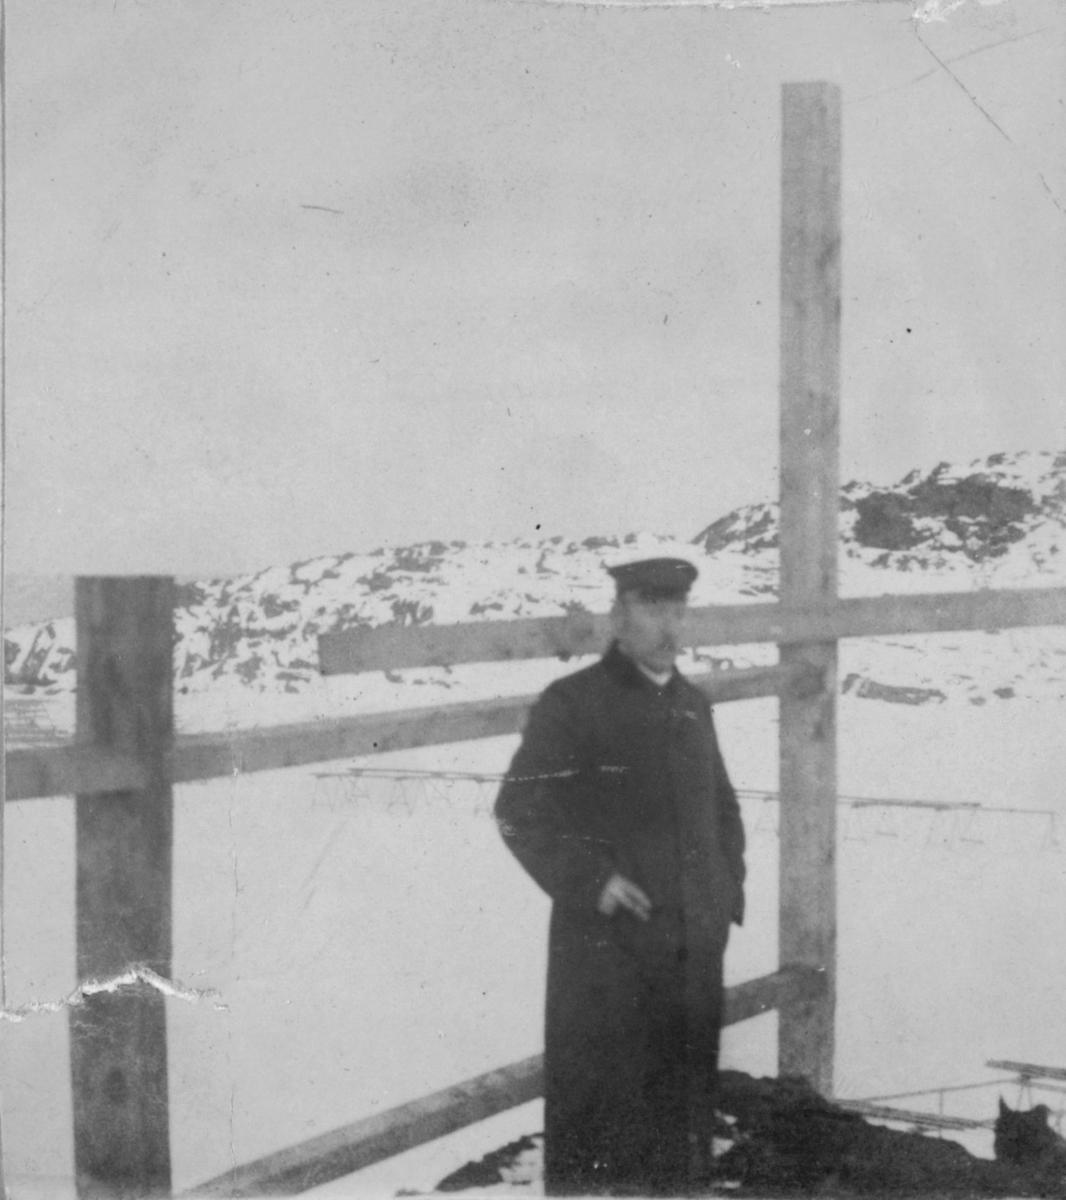 Karl Ohlsen i hatt og frakk. Han står ved noen stolper eller gjerde. Det er snø på marka.